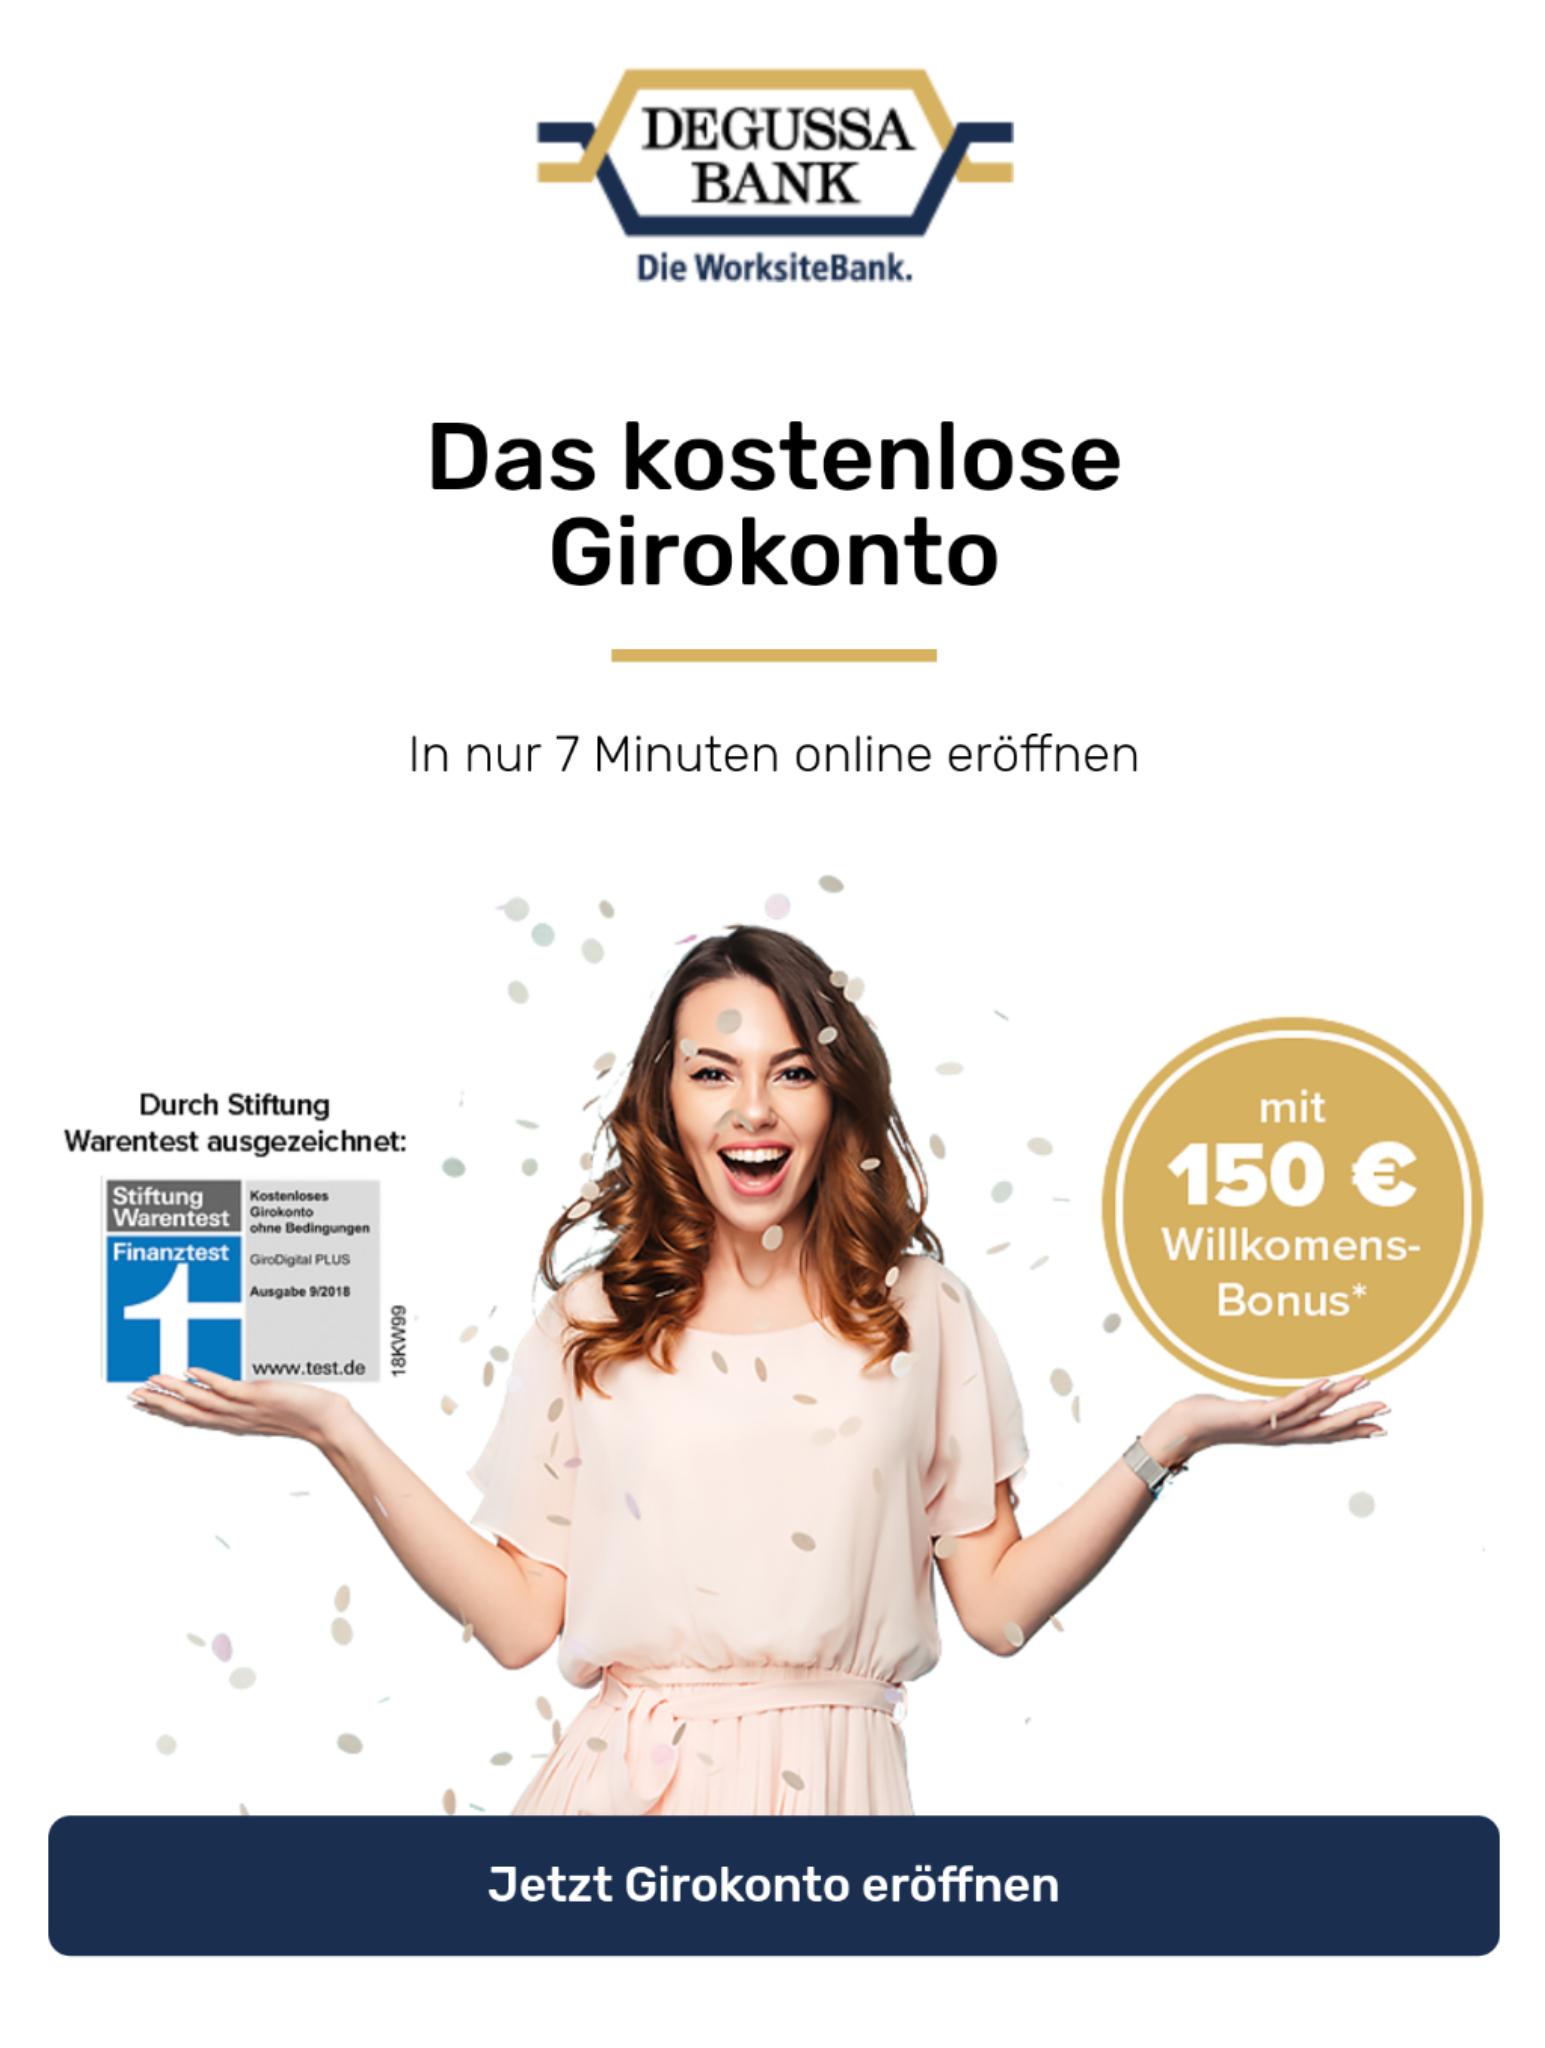 [Degussa Bank] Kostenloses Girokonto mit 150,- € Willkommensbonus / einfache Bedingungen